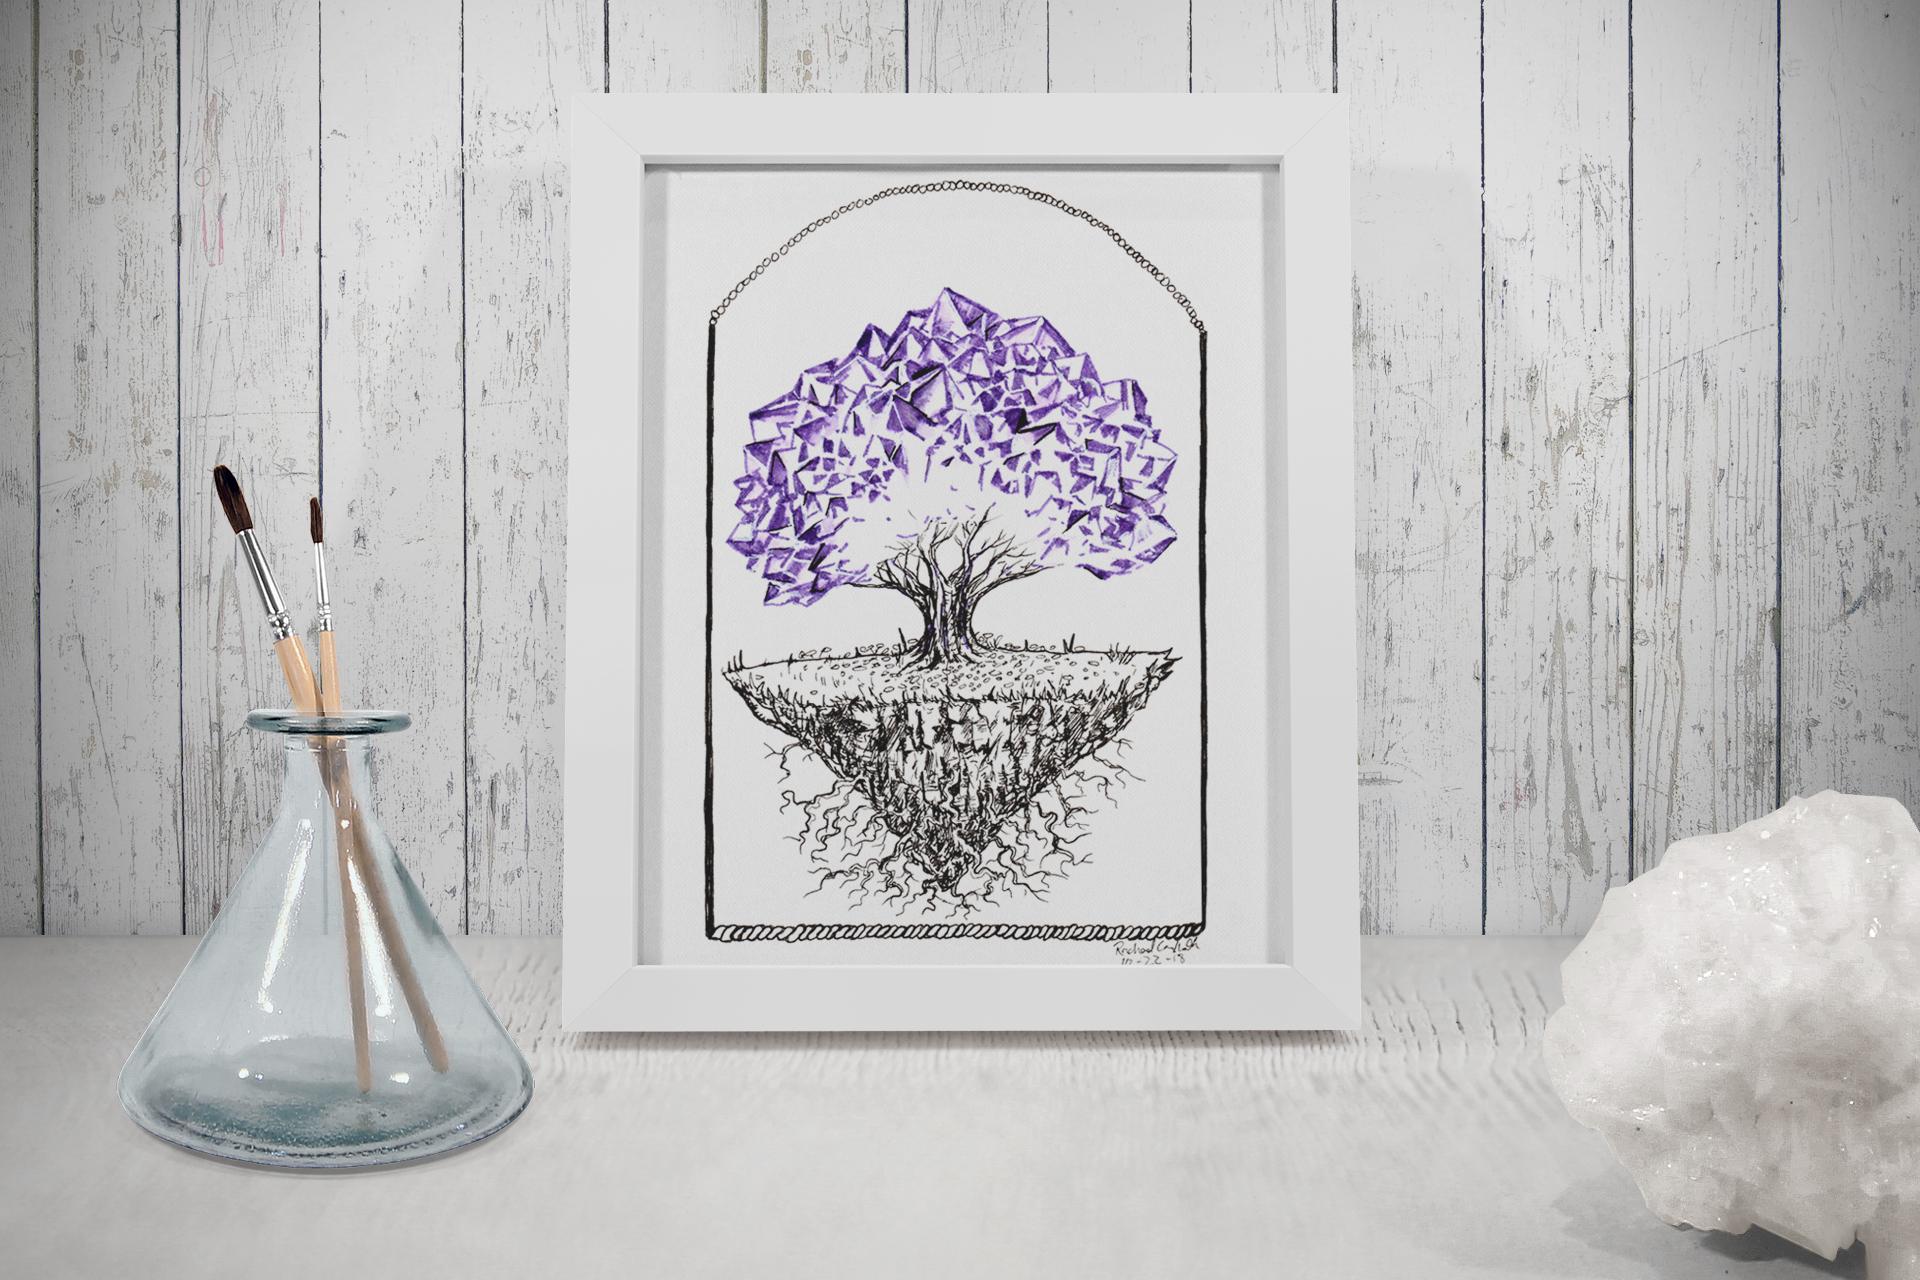 Crystal Tree Tree Talker Art Inktober 2018 Illustration of a Crystal Tree